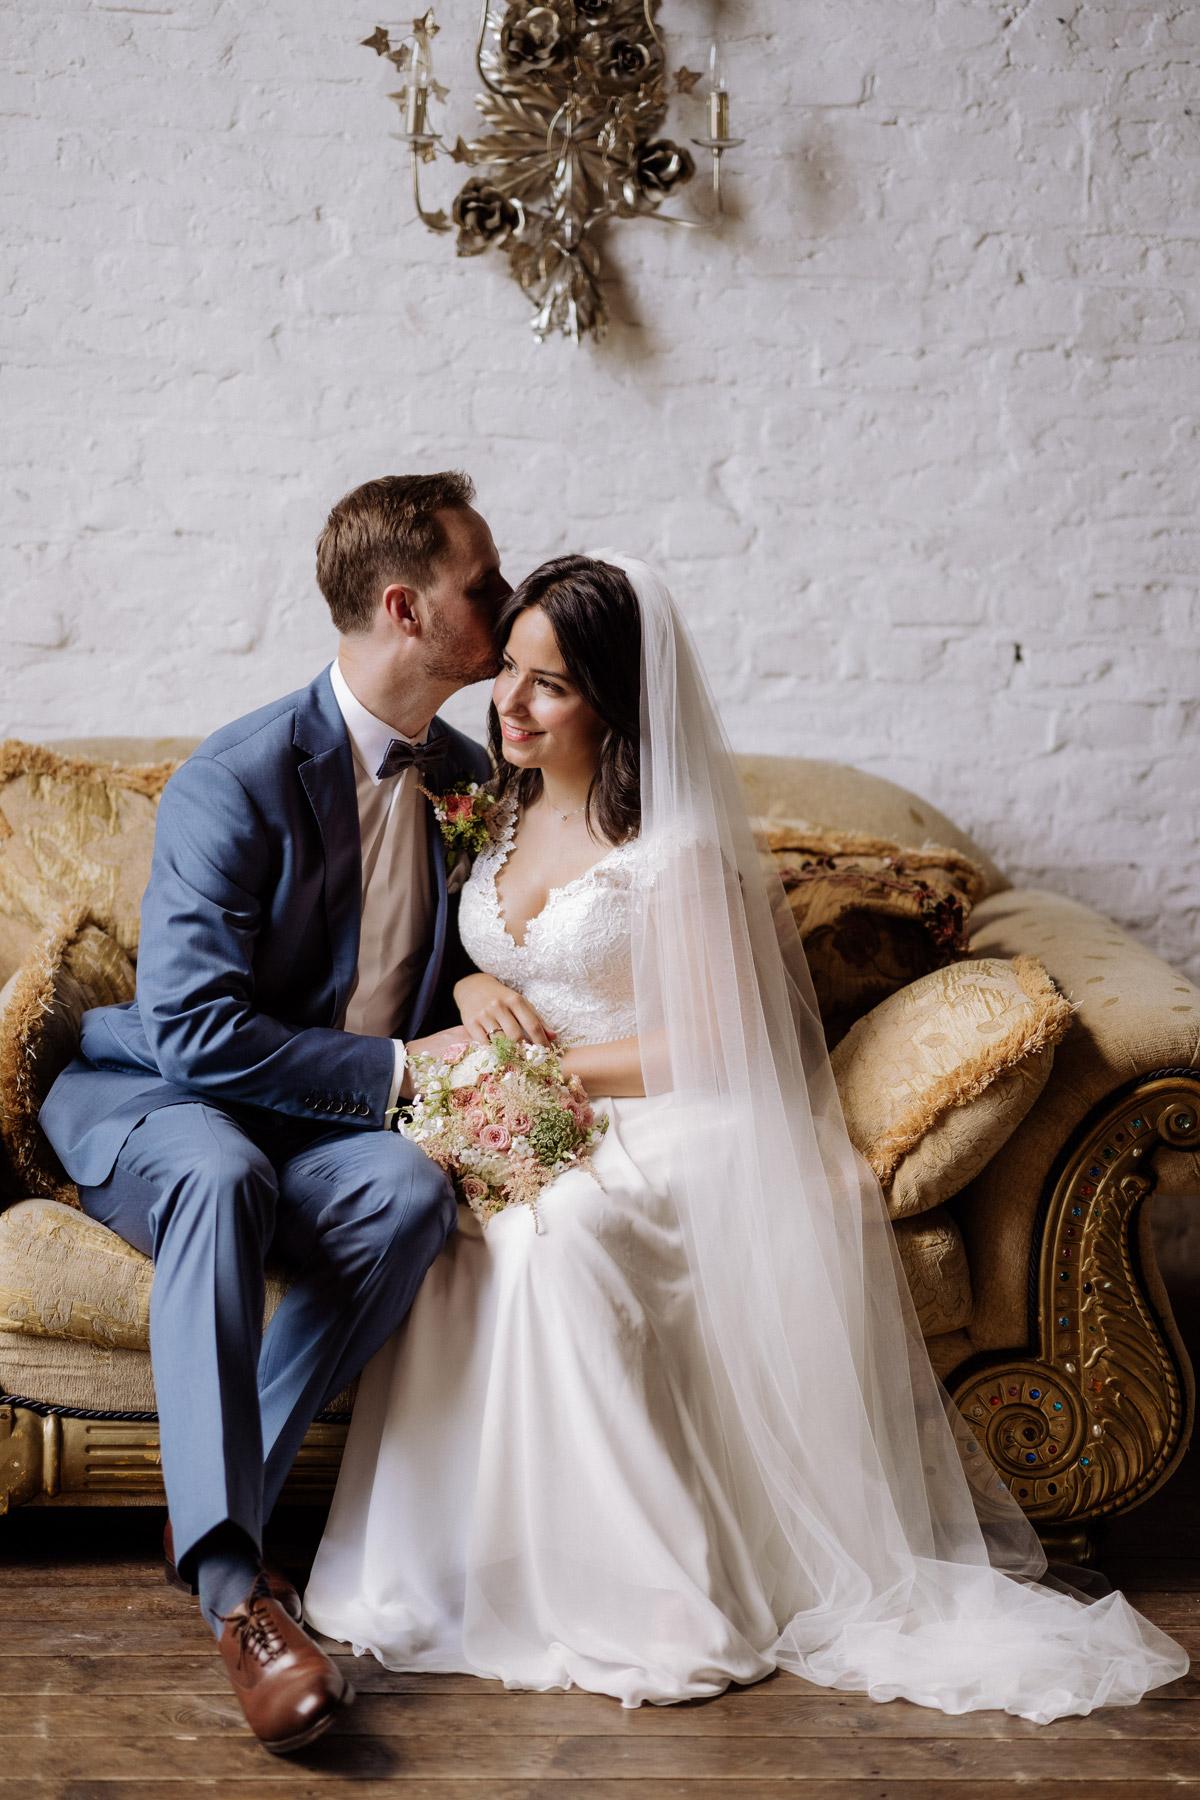 Coole Hochzeitsfotos: Setzt euch als Brautpaar während des Hochzeitsshooting hin so wie hier auf ein Sofa oder sucht eine Bank oder einen Stuhl. Ihr werdet viel entspannter sein! Mehr #hochzeitstipps im Blog von #hochzeitslicht Hochzeitsfotograf Berlin © www.hochzeitslicht.de